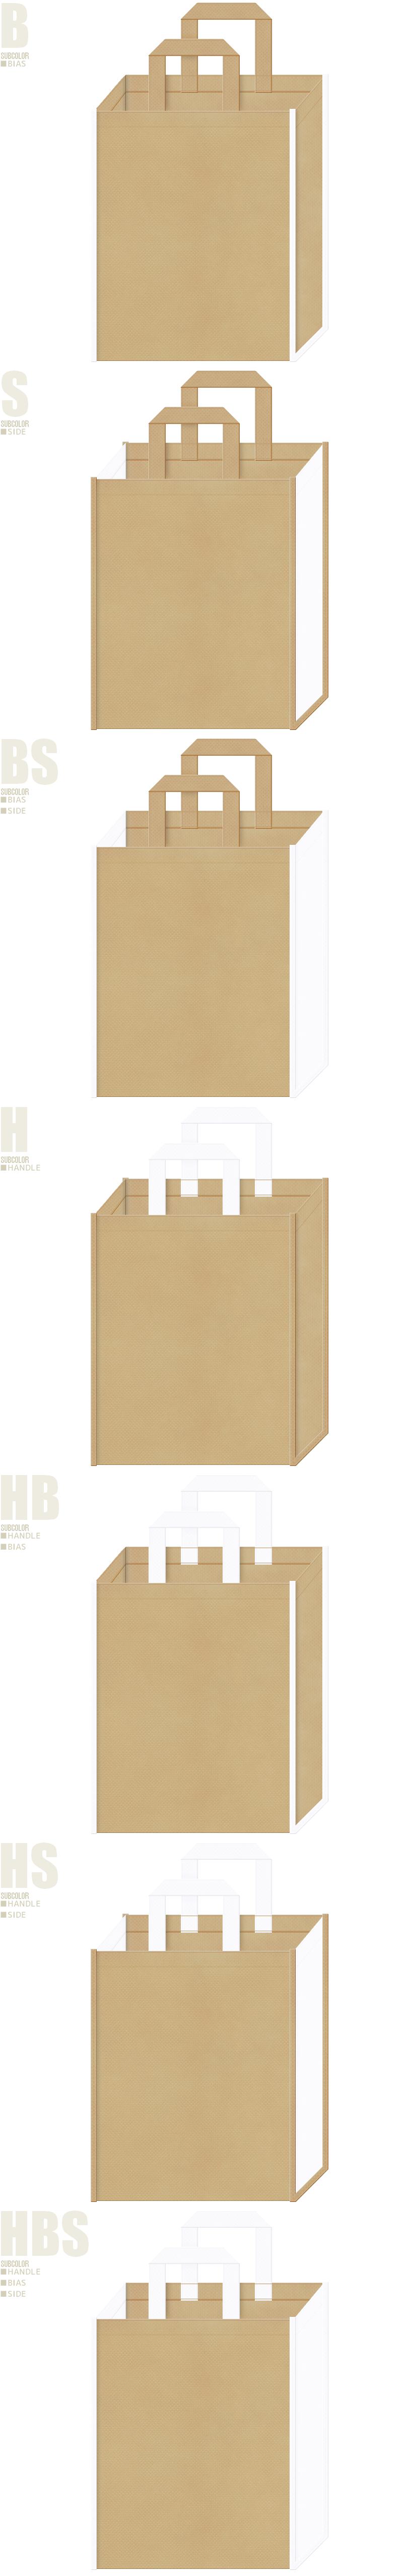 ロールケーキ・スイーツにお奨めの不織布バッグデザイン:カーキ色と白色の配色7パターン